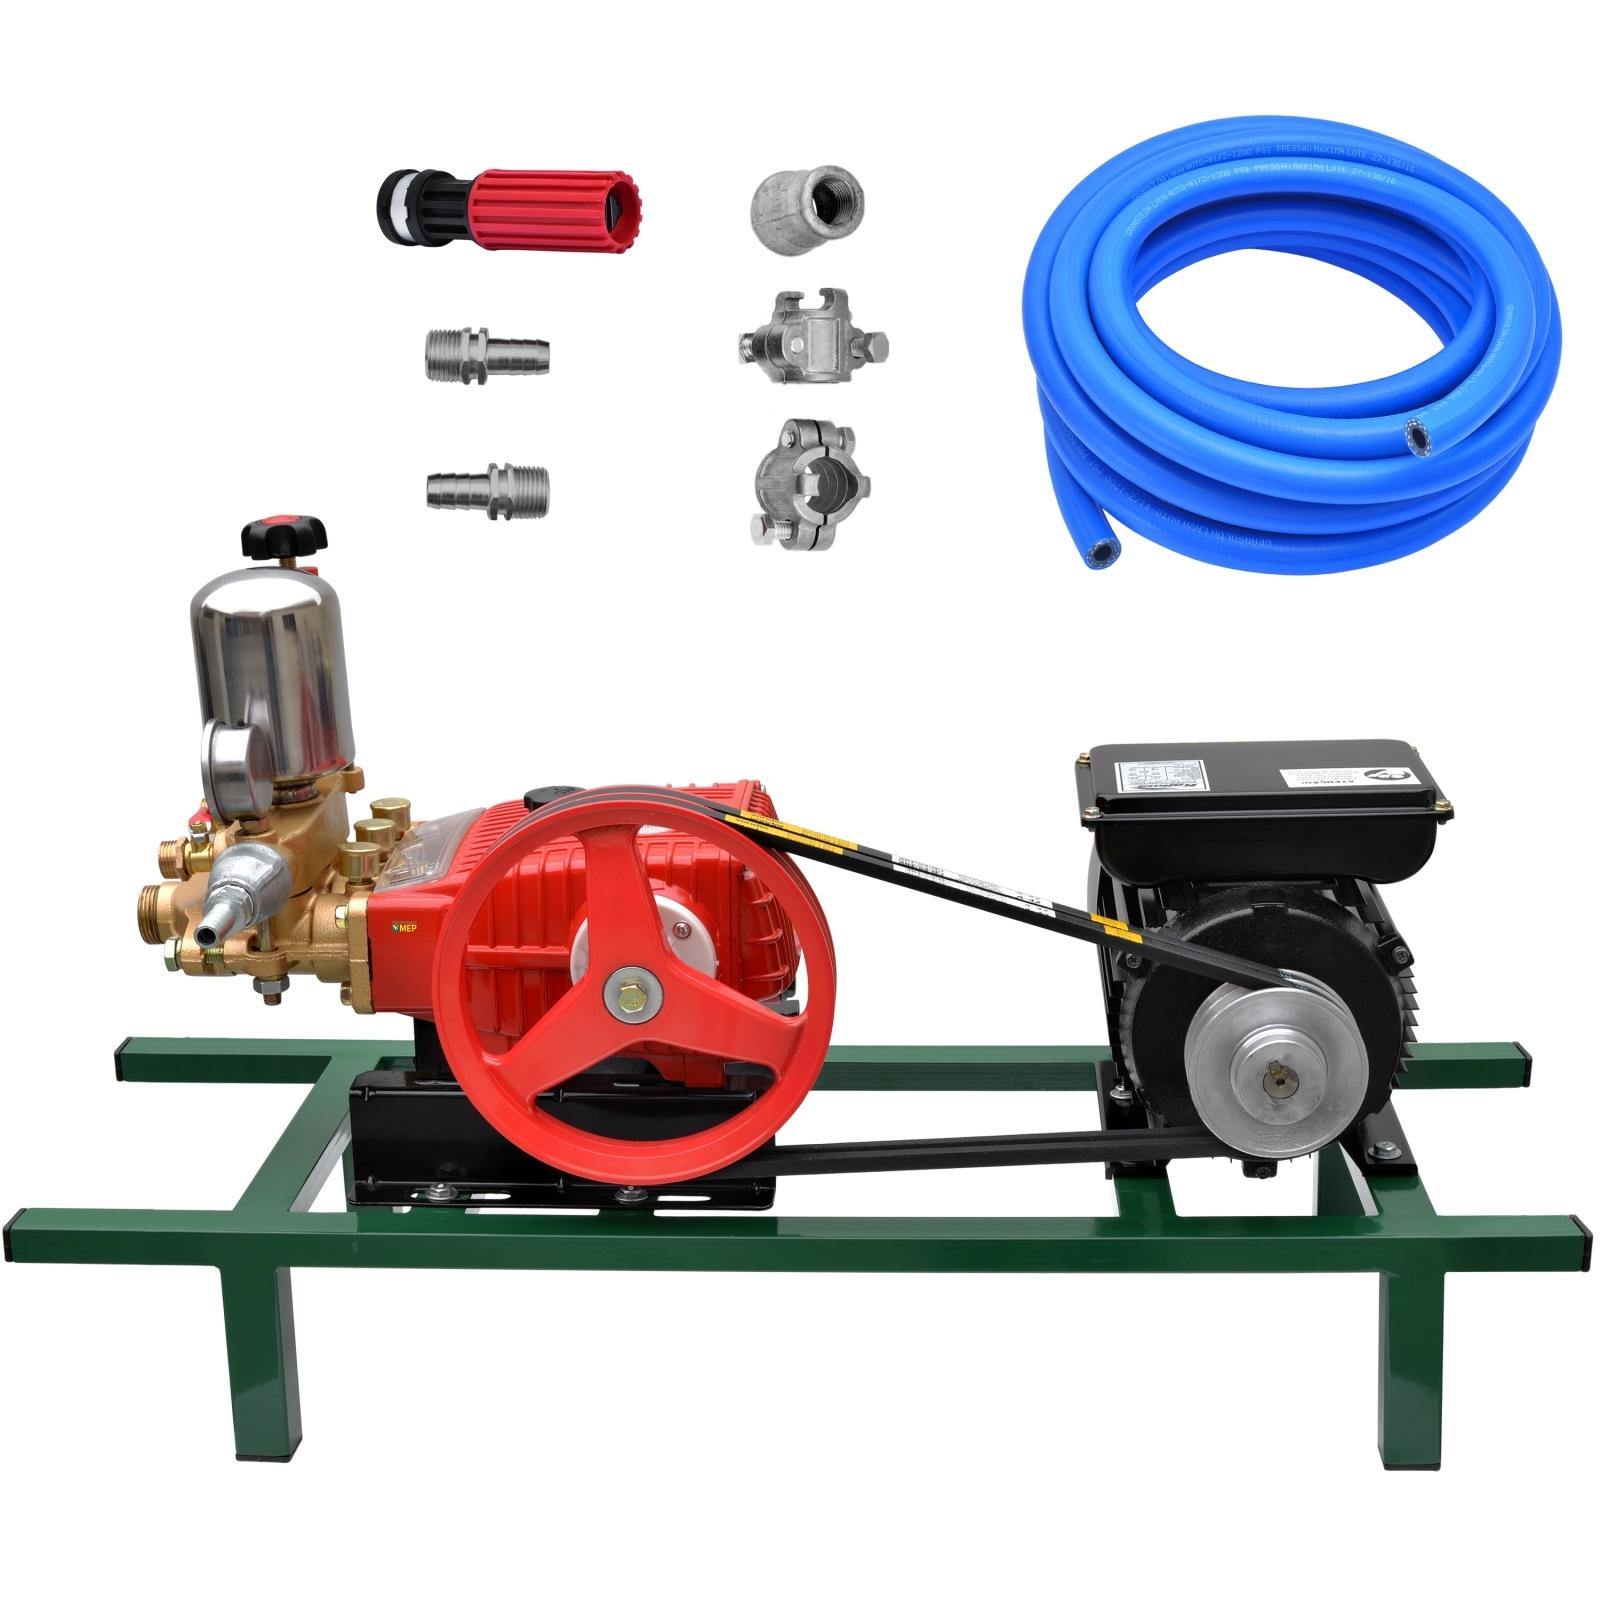 Bomba De Alta Pressão E Pulverização Tekna BPF22 + Motor marca Lynus 2cv 4p Lavacar Completa - Ferramentas MEP